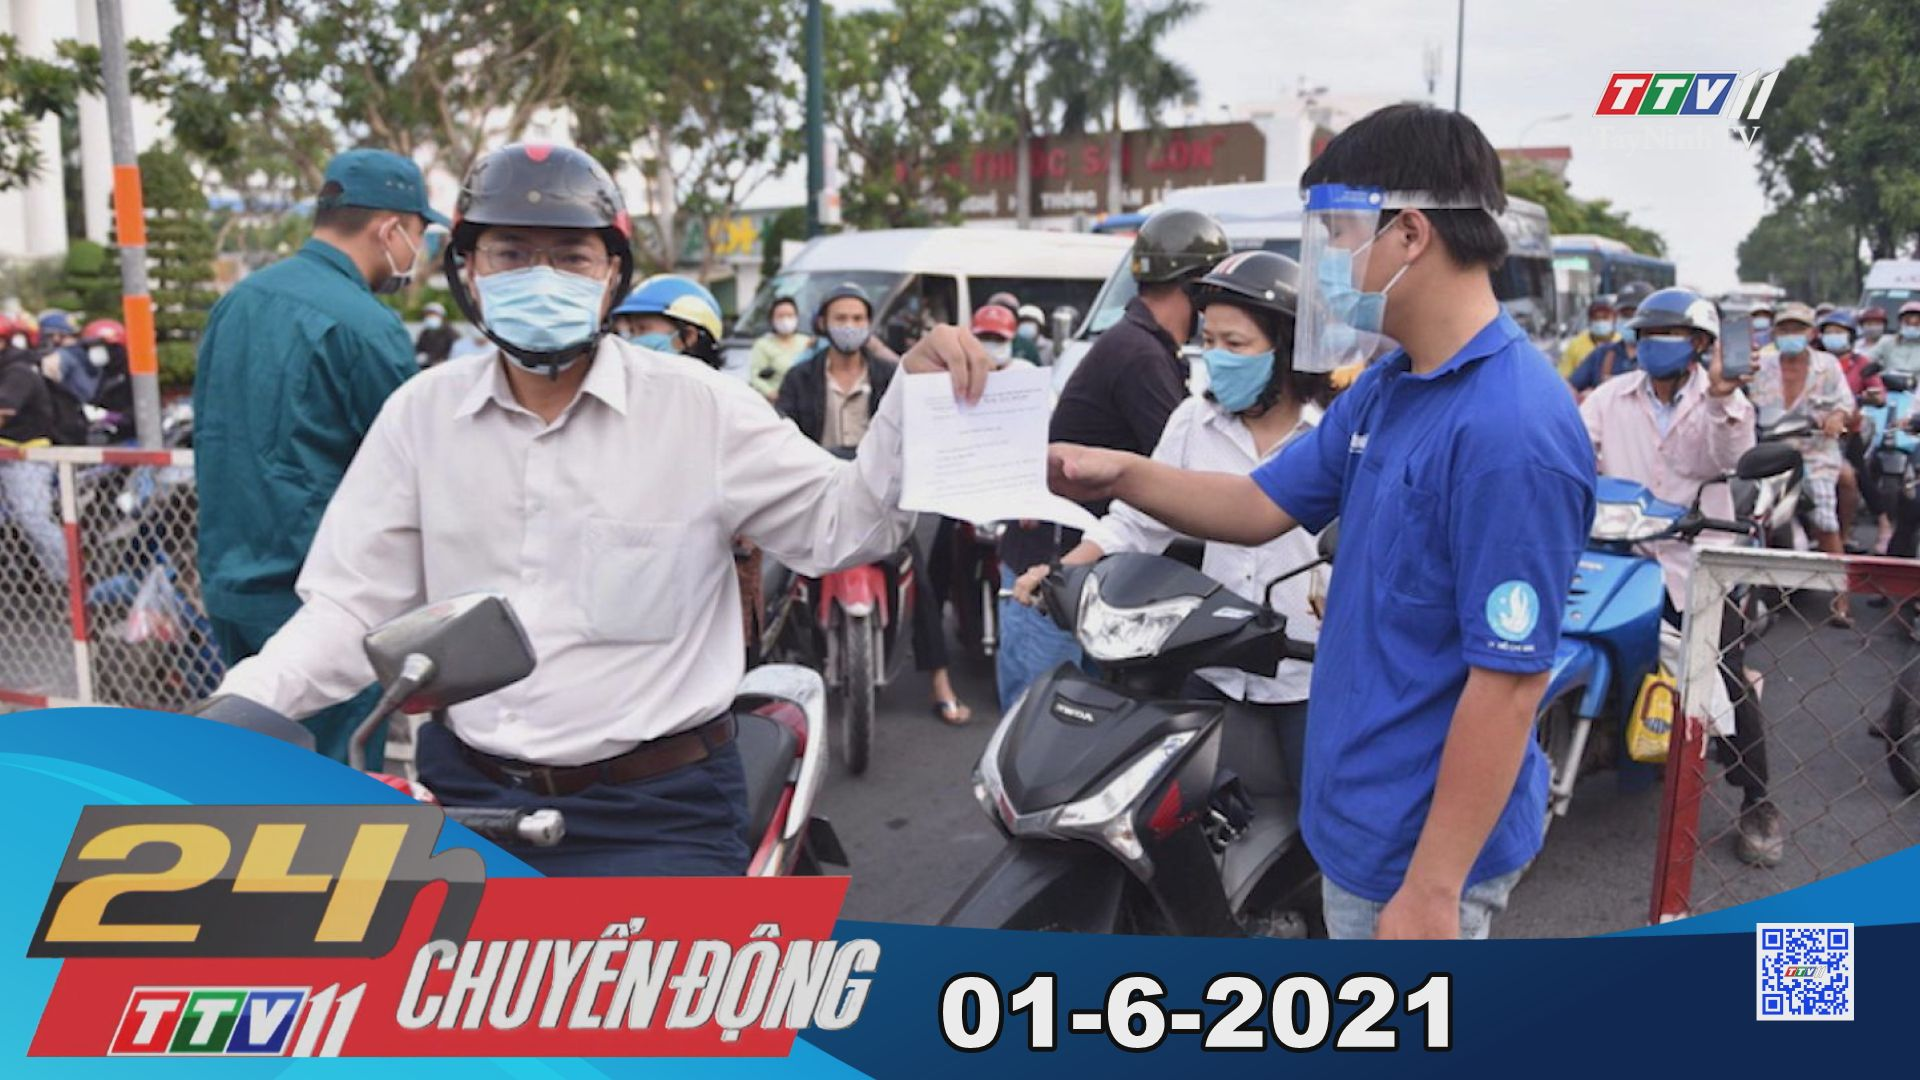 24h Chuyển động 01-6-2021 | Tin tức hôm nay | TayNinhTV